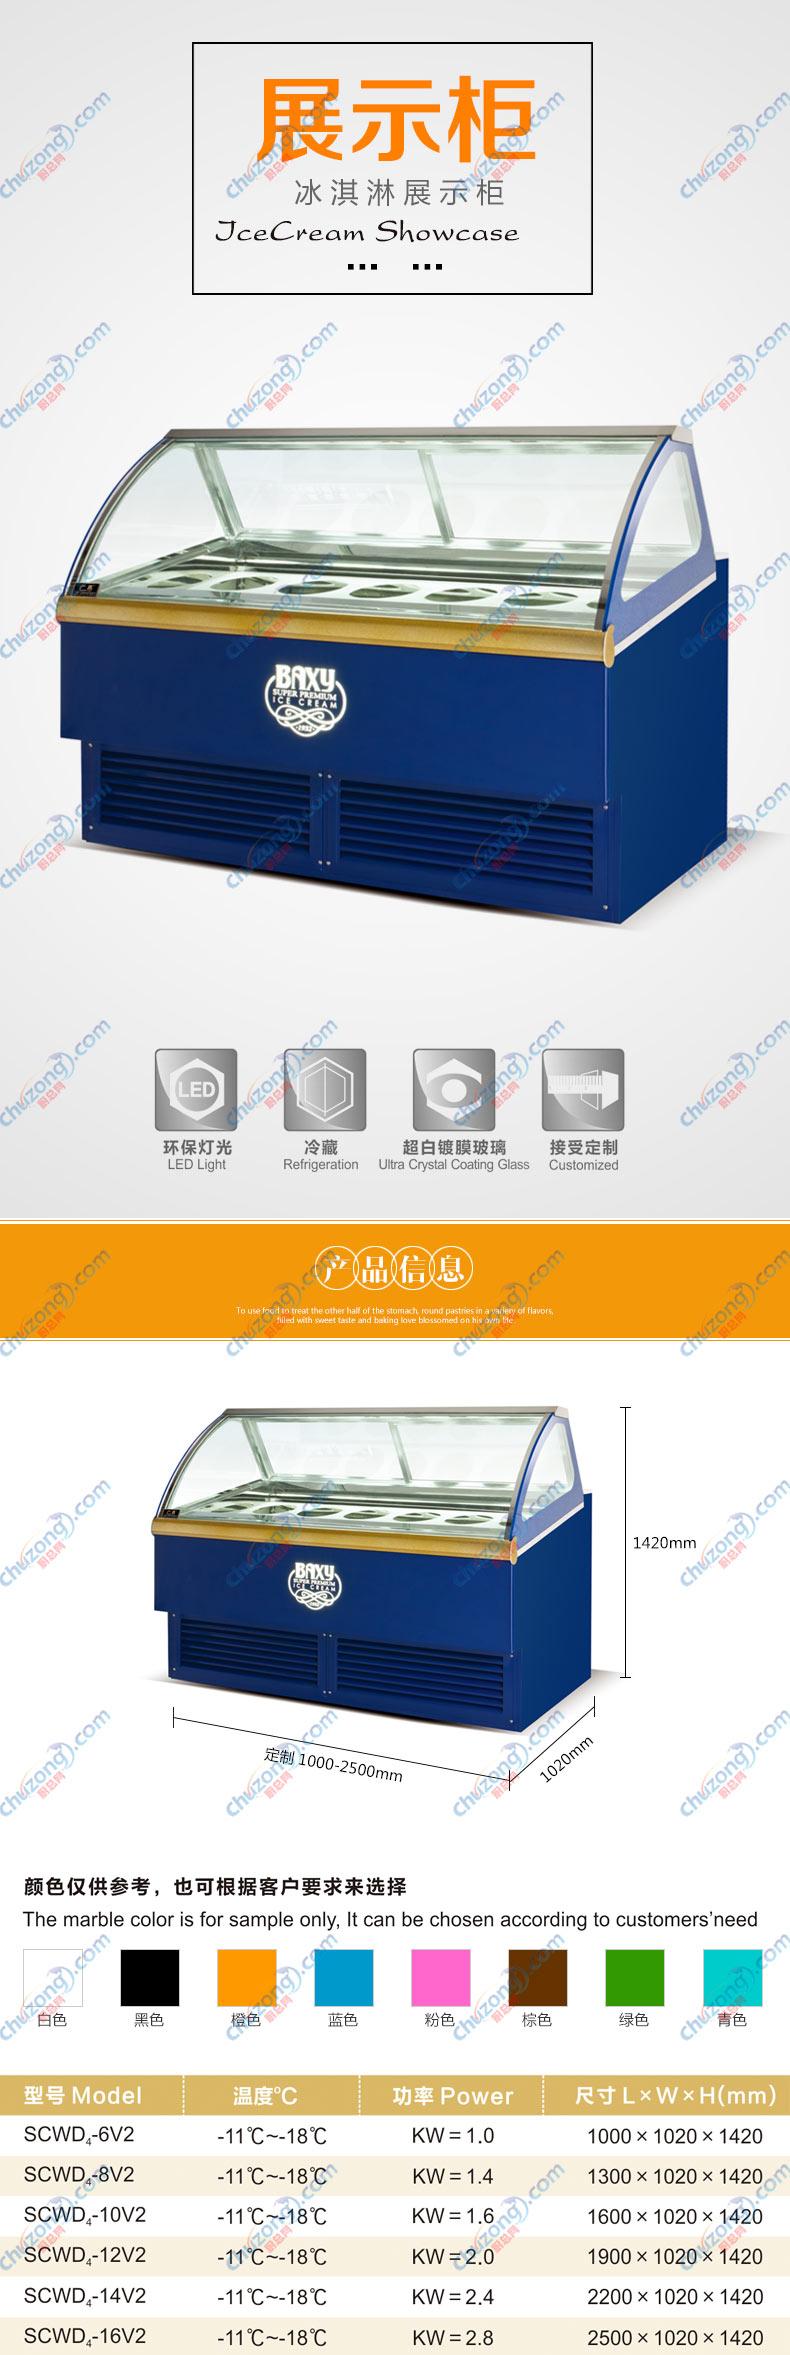 广菱冰淇淋展示柜图片